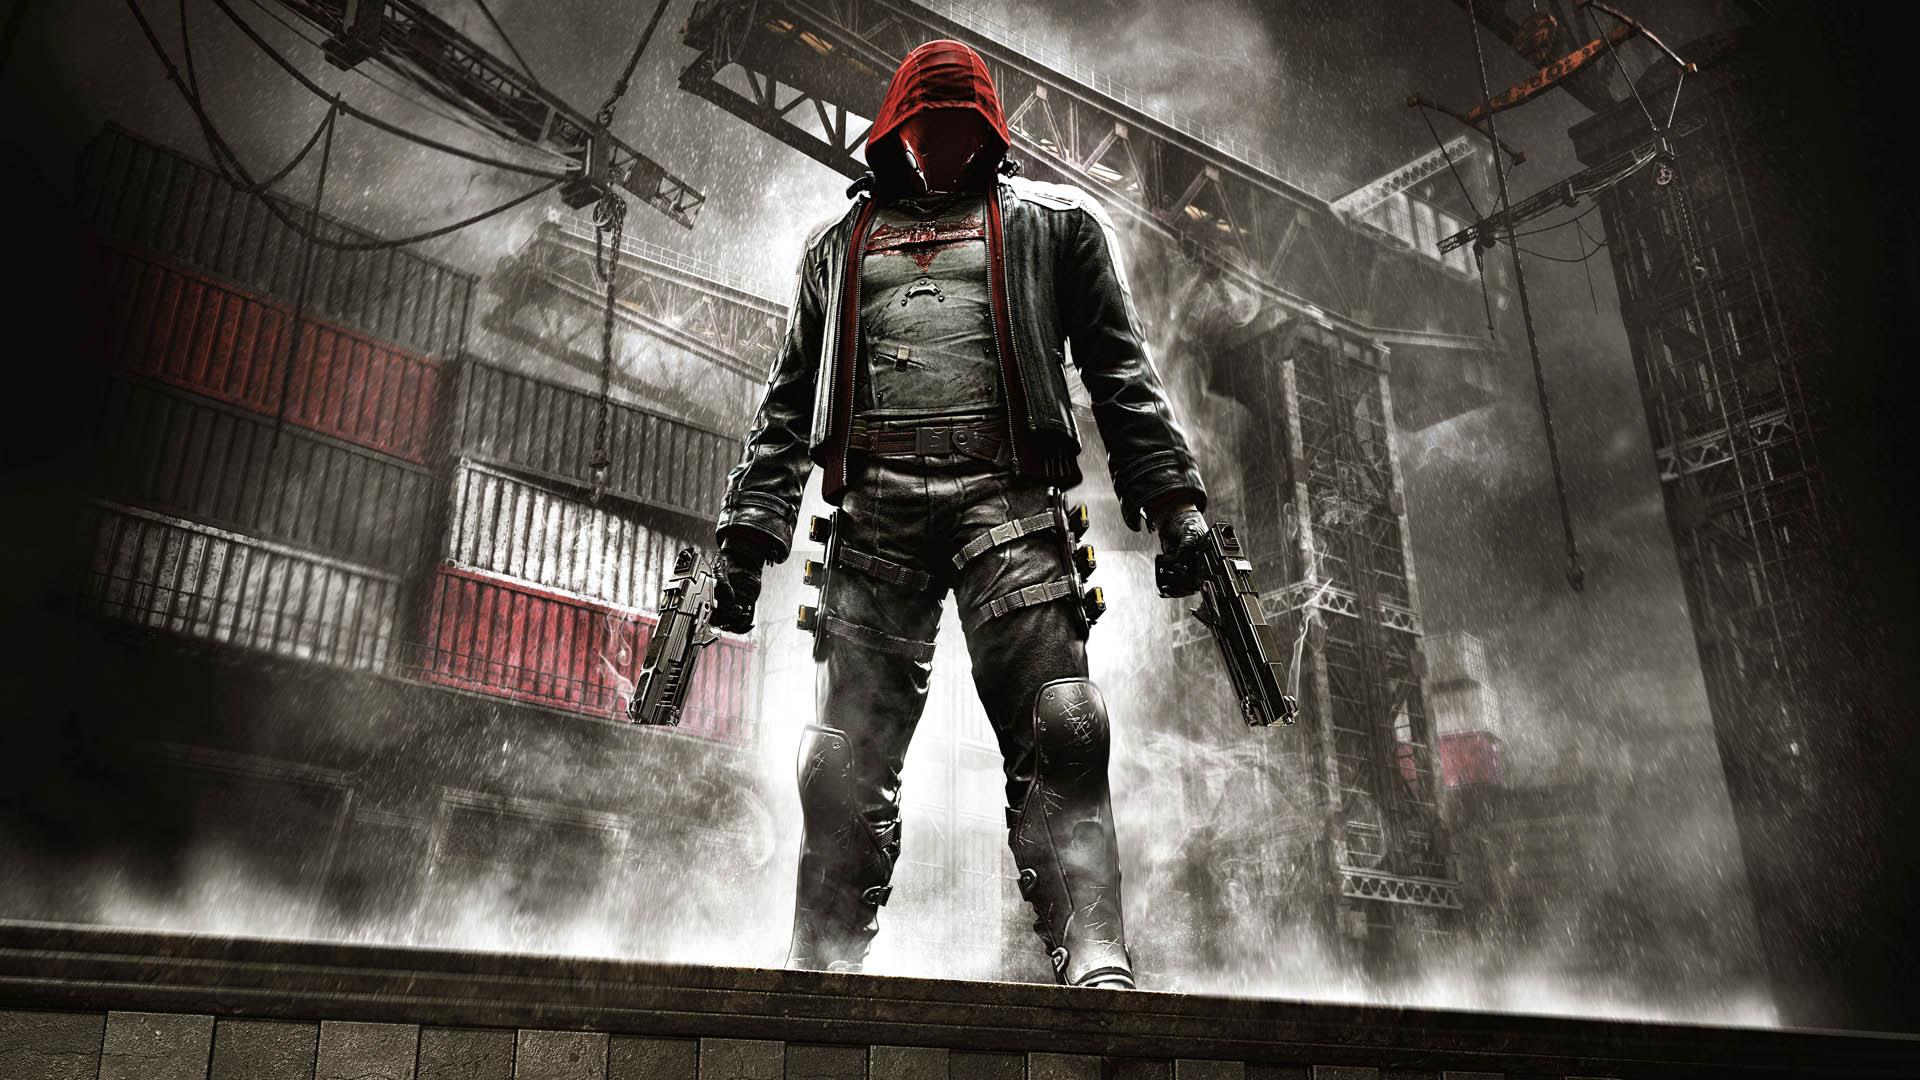 Batman Arkham Knight, Jason Todd, Guns, Hood wallpaper | Best HD ...